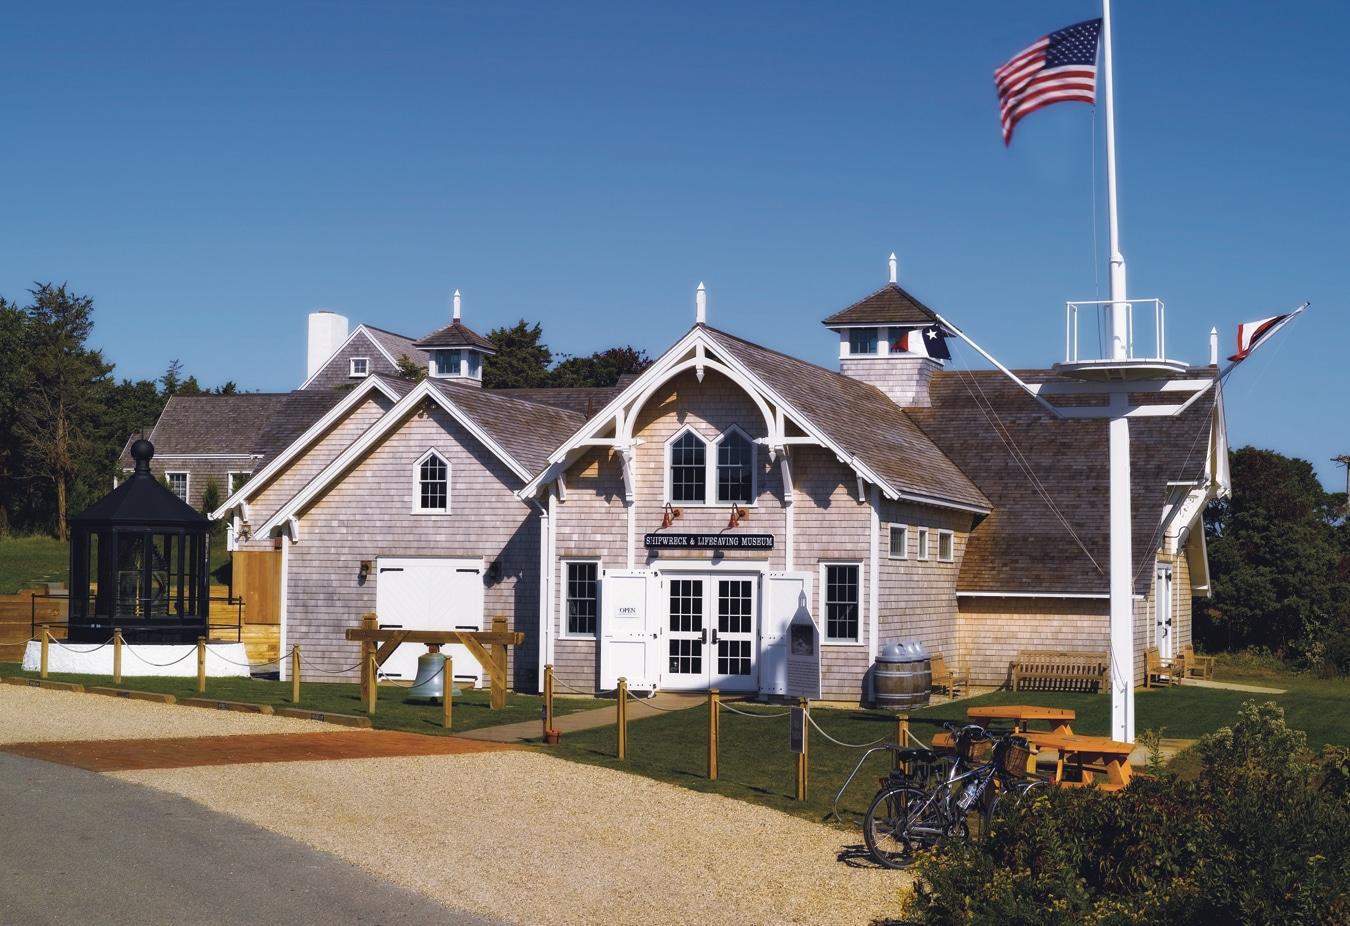 Nantucket Shipwreck Museum